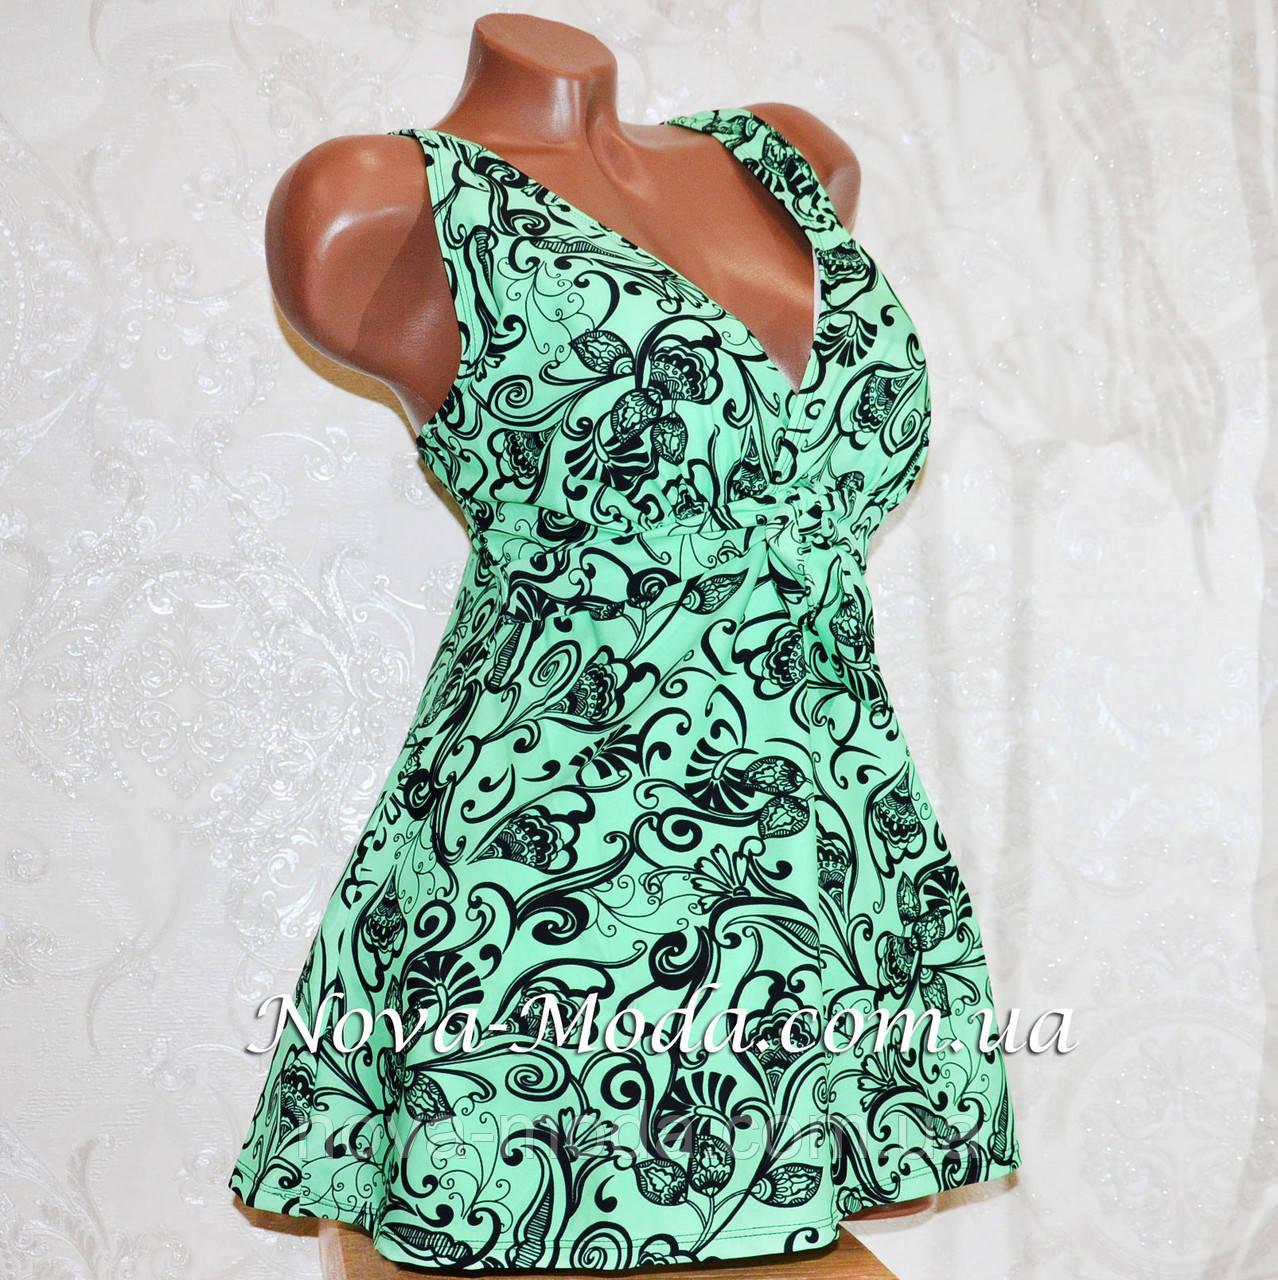 2b55ae09e0178 Зеленый купальник (платье) танкини, для больших форм, мягкая чашка, без  косточек